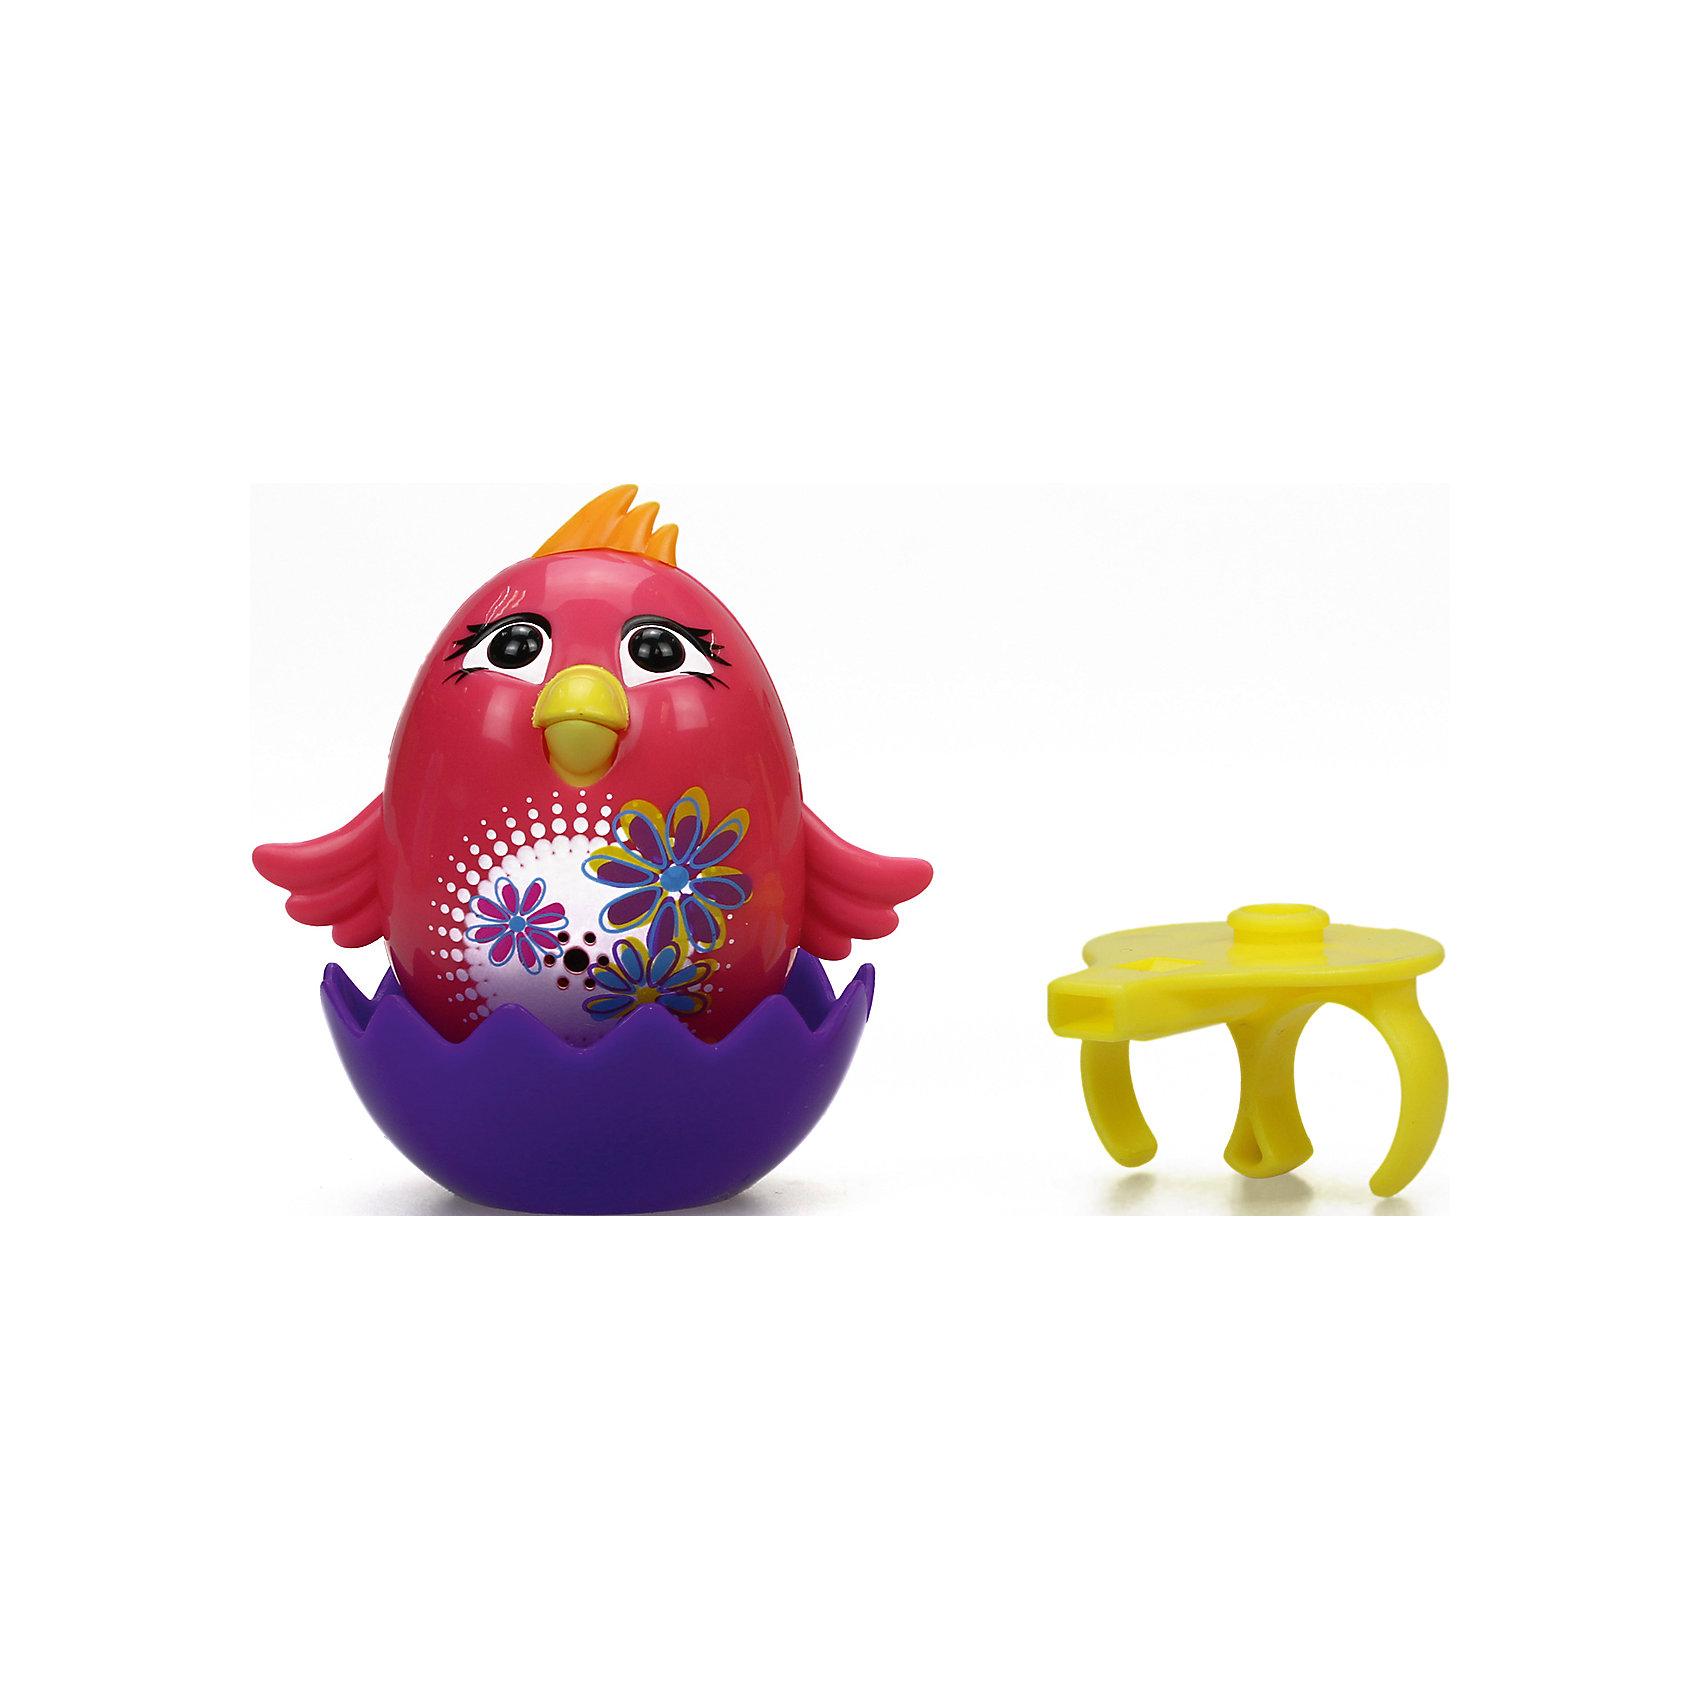 Цыпленок с кольцом, DigiBirdsСимвол года<br>Цыпленок с кольцом, DigiBirds (ДигиБердс) - это умная интерактивная птичка, которая будет развлекать малыша пением и ритмичными движениями.<br>Цыпленок с кольцом - это интерактивная музыкальная игрушка, которая приведёт в восторг не только детей, но и их родителей! Яркий забавный цыпленок может воспроизводить до 30 разных звуков и мелодий. Чтобы активировать цыпленка надо на него подуть или посвистеть в кольцо-свисток, имеющийся в комплекте. Цыплёнок будет весело щебетать, издавать забавные звуки, а также махать крыльями, открывать и закрывать клюв в такт мелодии и наклоняться из стороны в сторону. Сзади расположен специальный переключатель, с помощью которого можно перевести цыпленка из режима соло в режим хор. Для хора можно синхронизировать неограниченное количество птиц, а также других персонажей DigiFriends. Кольцо-свисток может служить как переносной насест для птички. Ребенок может надеть кольцо на два пальца, закрепить там игрушку и свободно играть или даже бегать. Игрушка устойчива на любой ровной поверхности. Продукция сертифицирована, экологически безопасна для ребенка, использованные красители не токсичны и гипоаллергенны. Игрушка «Цыпленок с кольцом» серии DigiBirds (ДигиБердс) – это высокое качество, долгий срок службы и бесценные положительные эмоции ребенка.<br><br>Дополнительная информация:<br><br>- В наборе: цыпленок, кольцо-свисток, скорлупа-подставка<br>- Размер: 5,3 х 6,8 х 6,5 см.<br>- Материал: пластик<br>- Батарейки: 3 х AG13 / LR44 (входят в комплект)<br>- Размер упаковки: 6,4 x 15,2 x 10,2 см.<br><br>Цыпленка с кольцом, DigiBirds (ДигиБердс) можно купить в нашем интернет-магазине.<br><br>Ширина мм: 64<br>Глубина мм: 102<br>Высота мм: 152<br>Вес г: 128<br>Возраст от месяцев: 36<br>Возраст до месяцев: 84<br>Пол: Унисекс<br>Возраст: Детский<br>SKU: 4726742